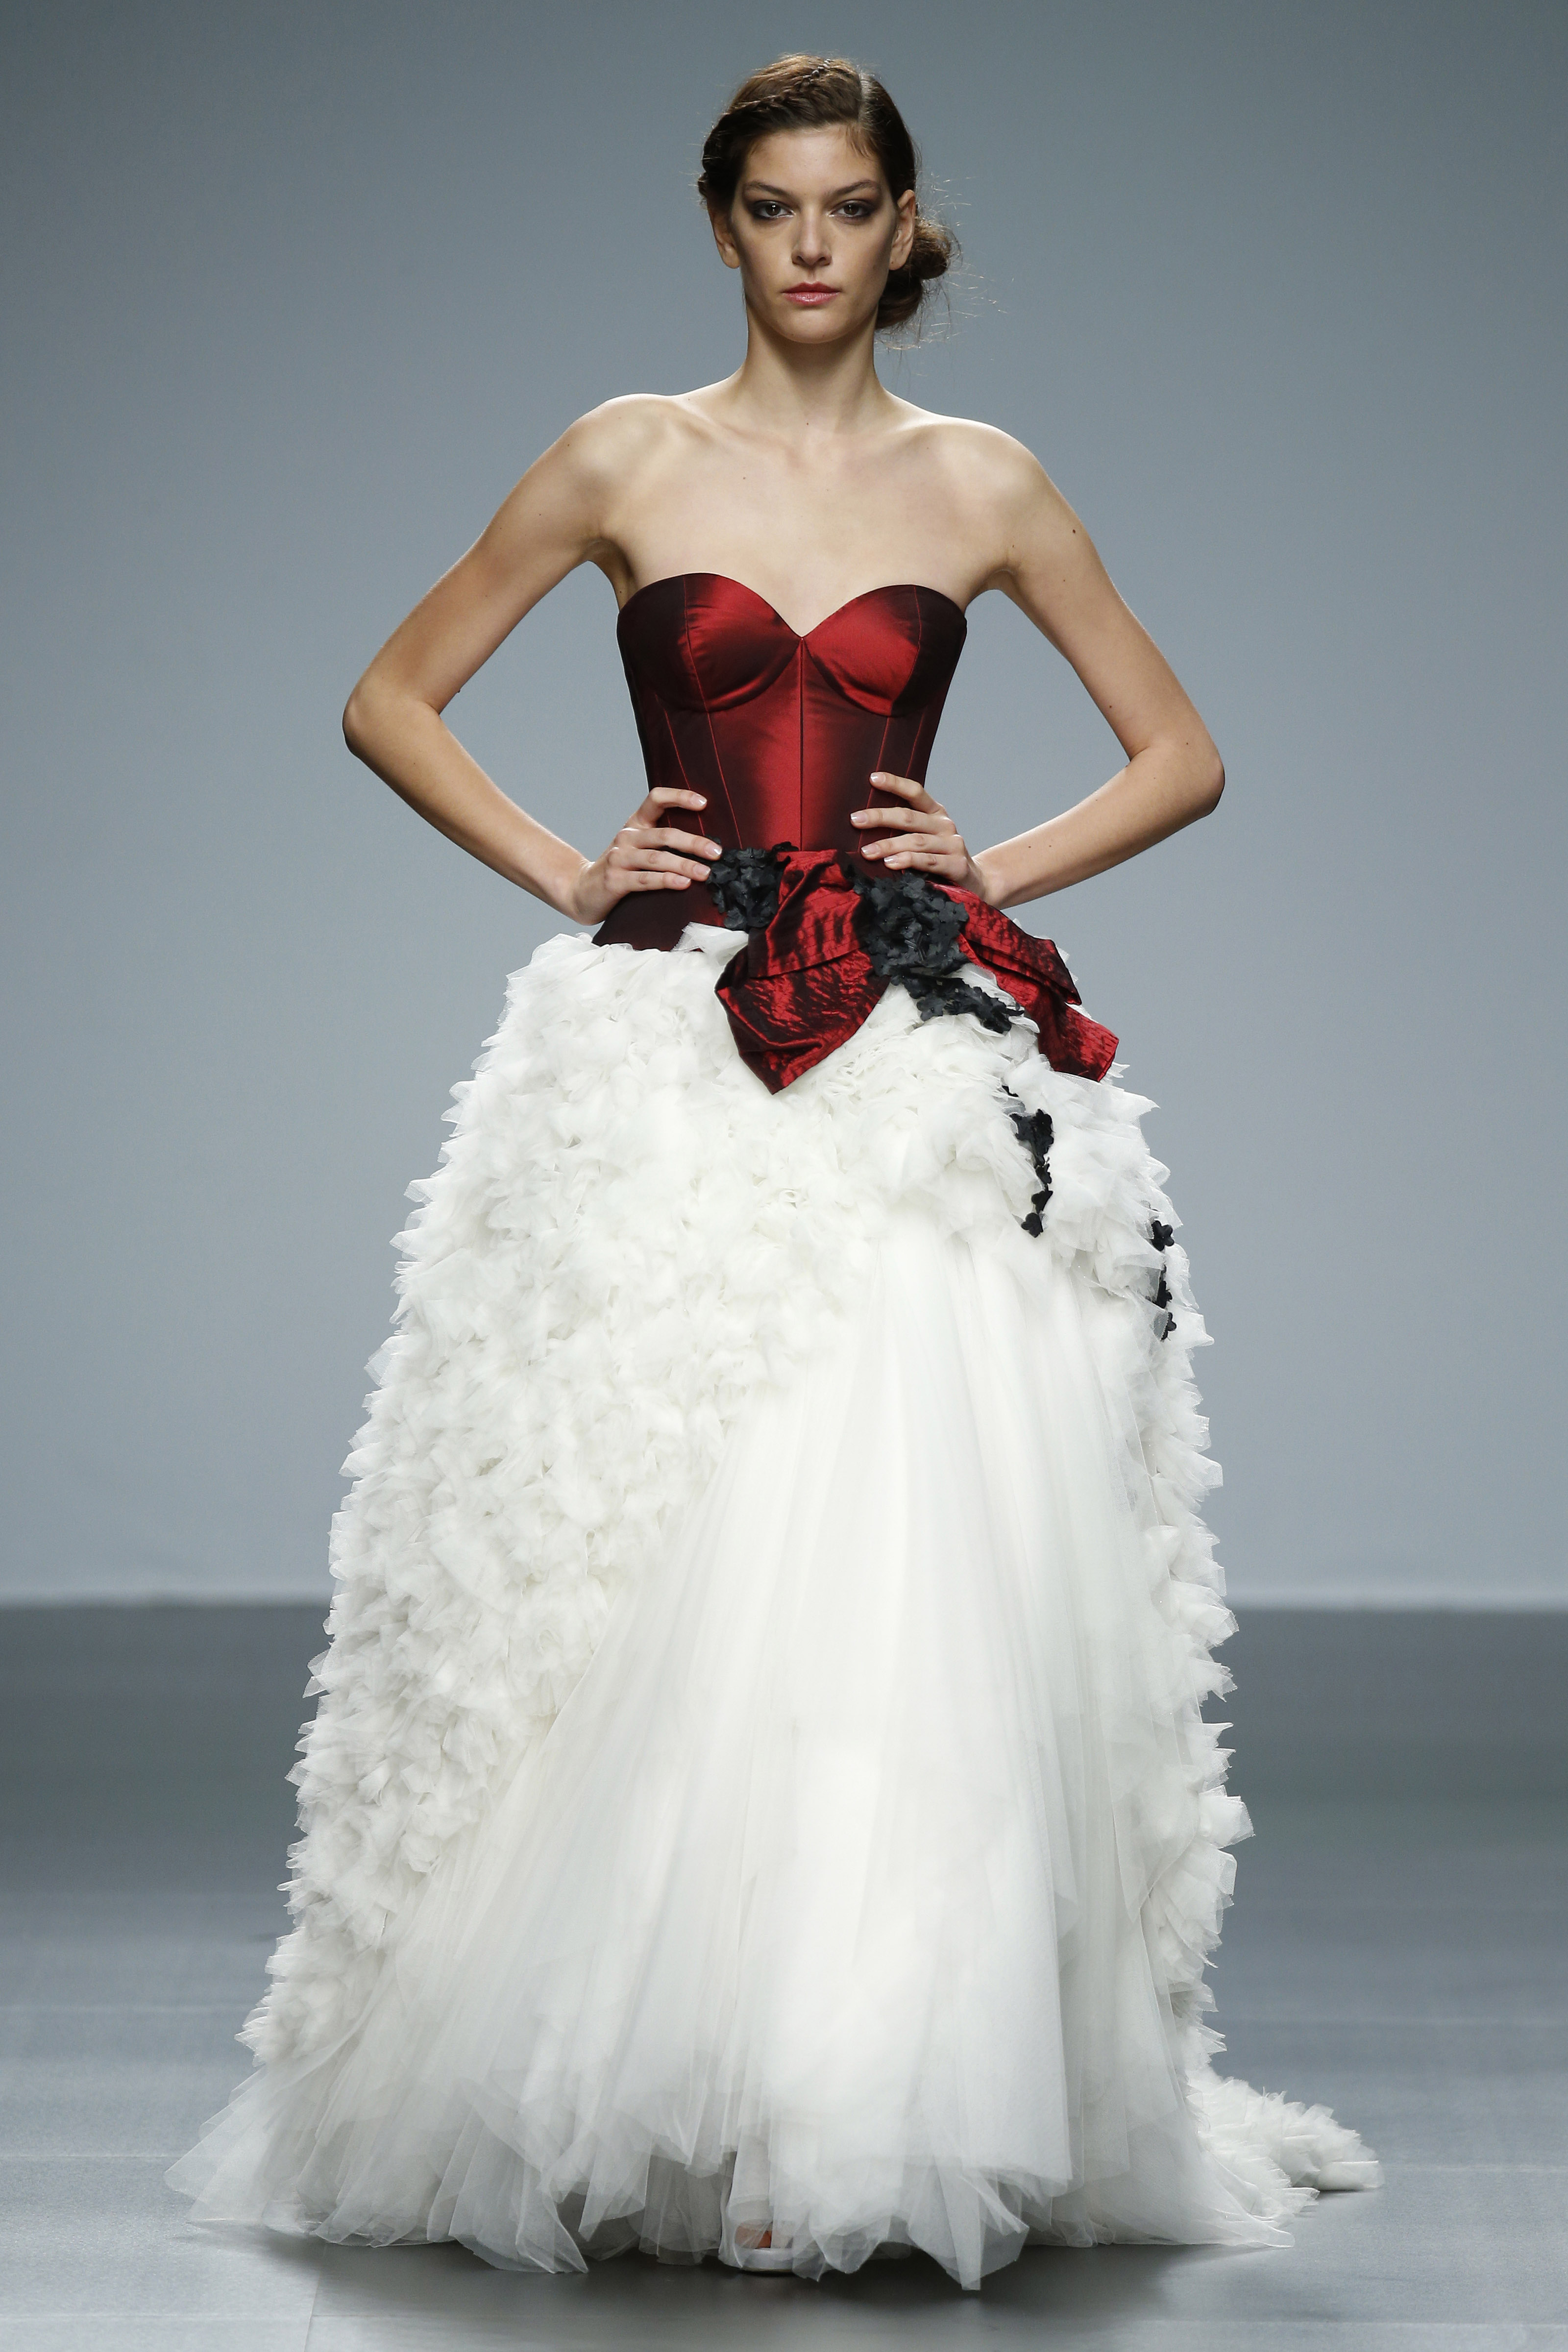 Bridal Week | BCN Fashion Place